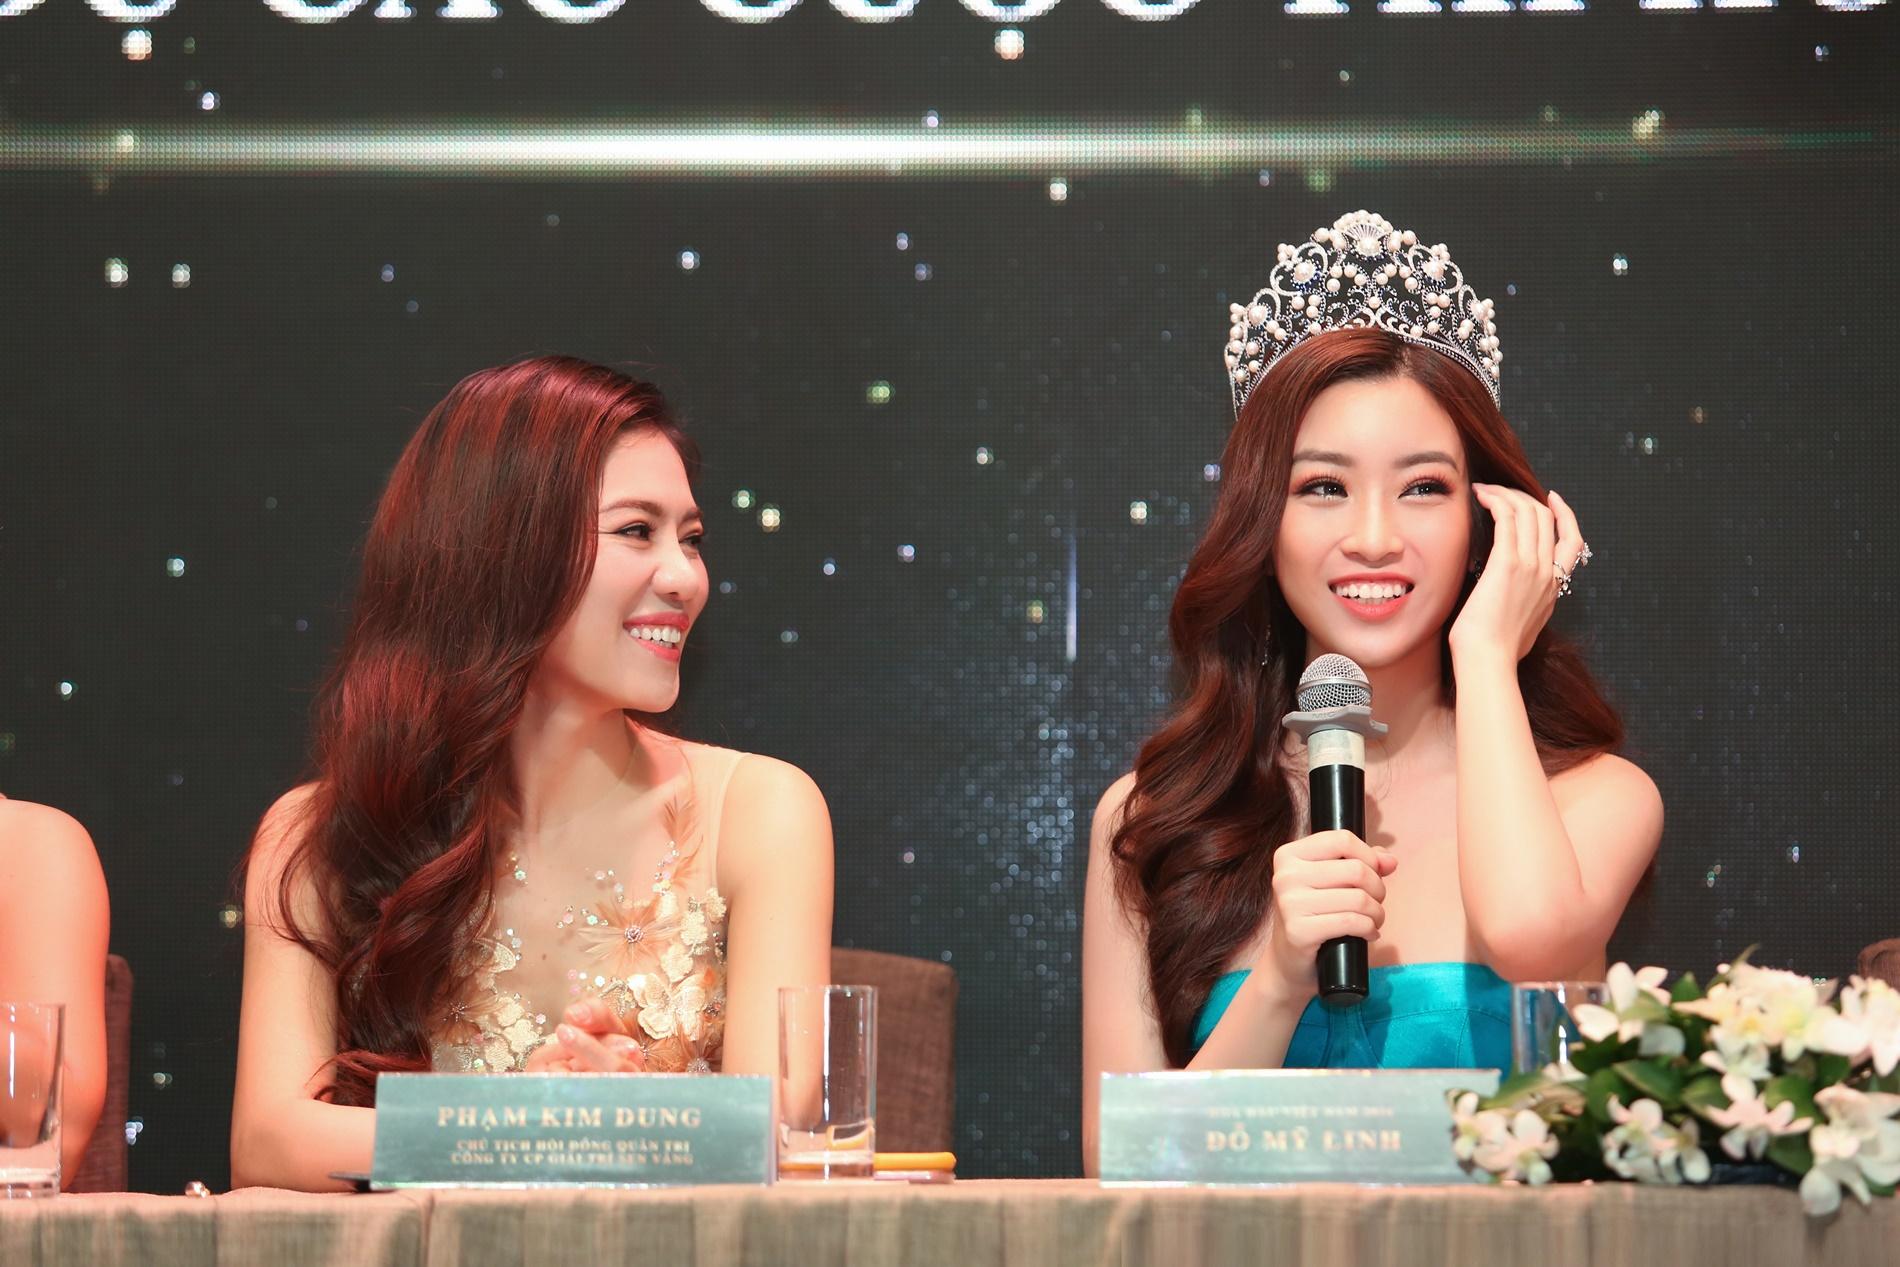 Giải trí - Hoa hậu Mỹ Linh sẽ tham gia cuộc thi Hoa hậu Thế giới 2017 (Hình 3).